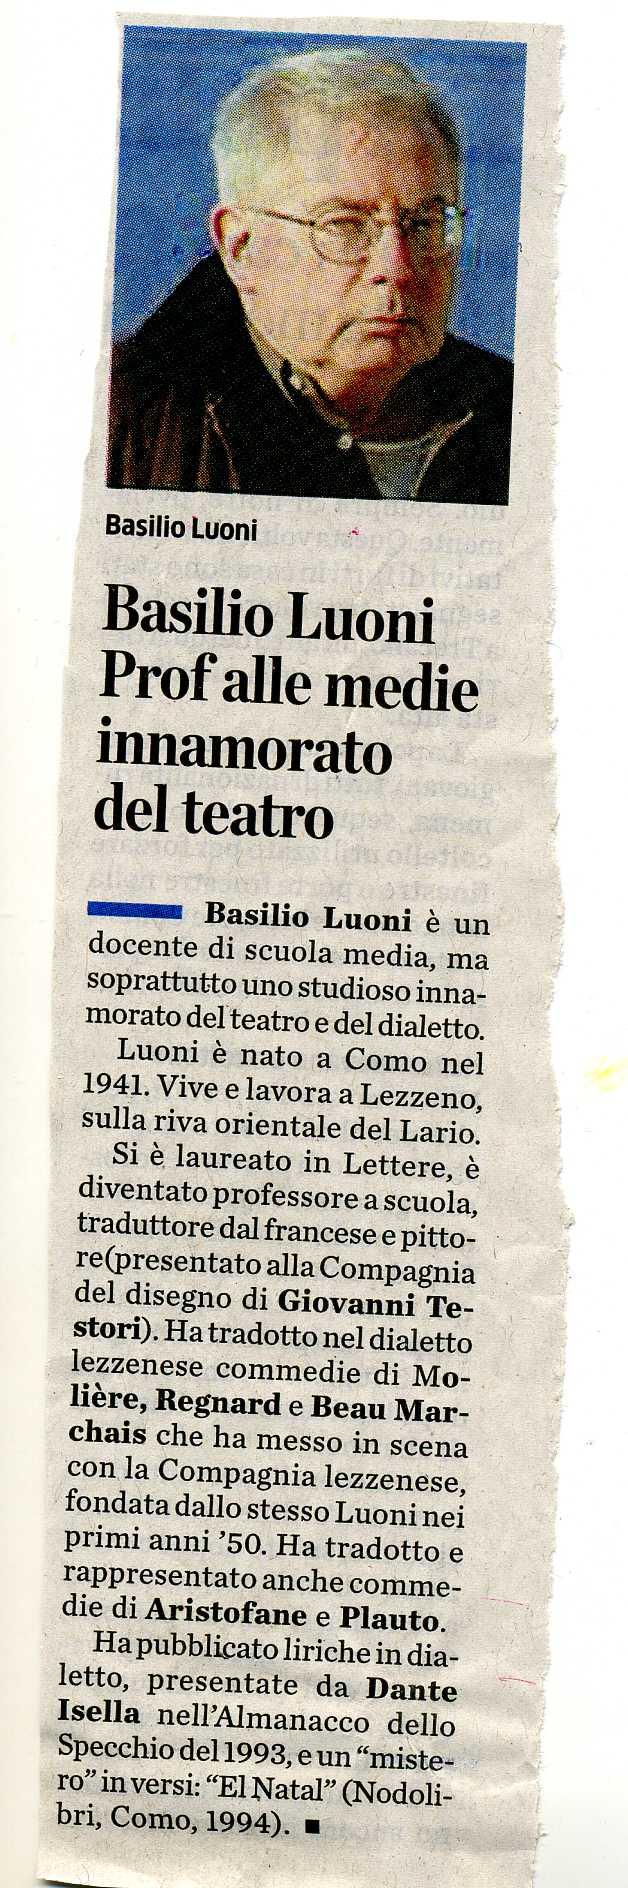 BASILIO LUONI1779